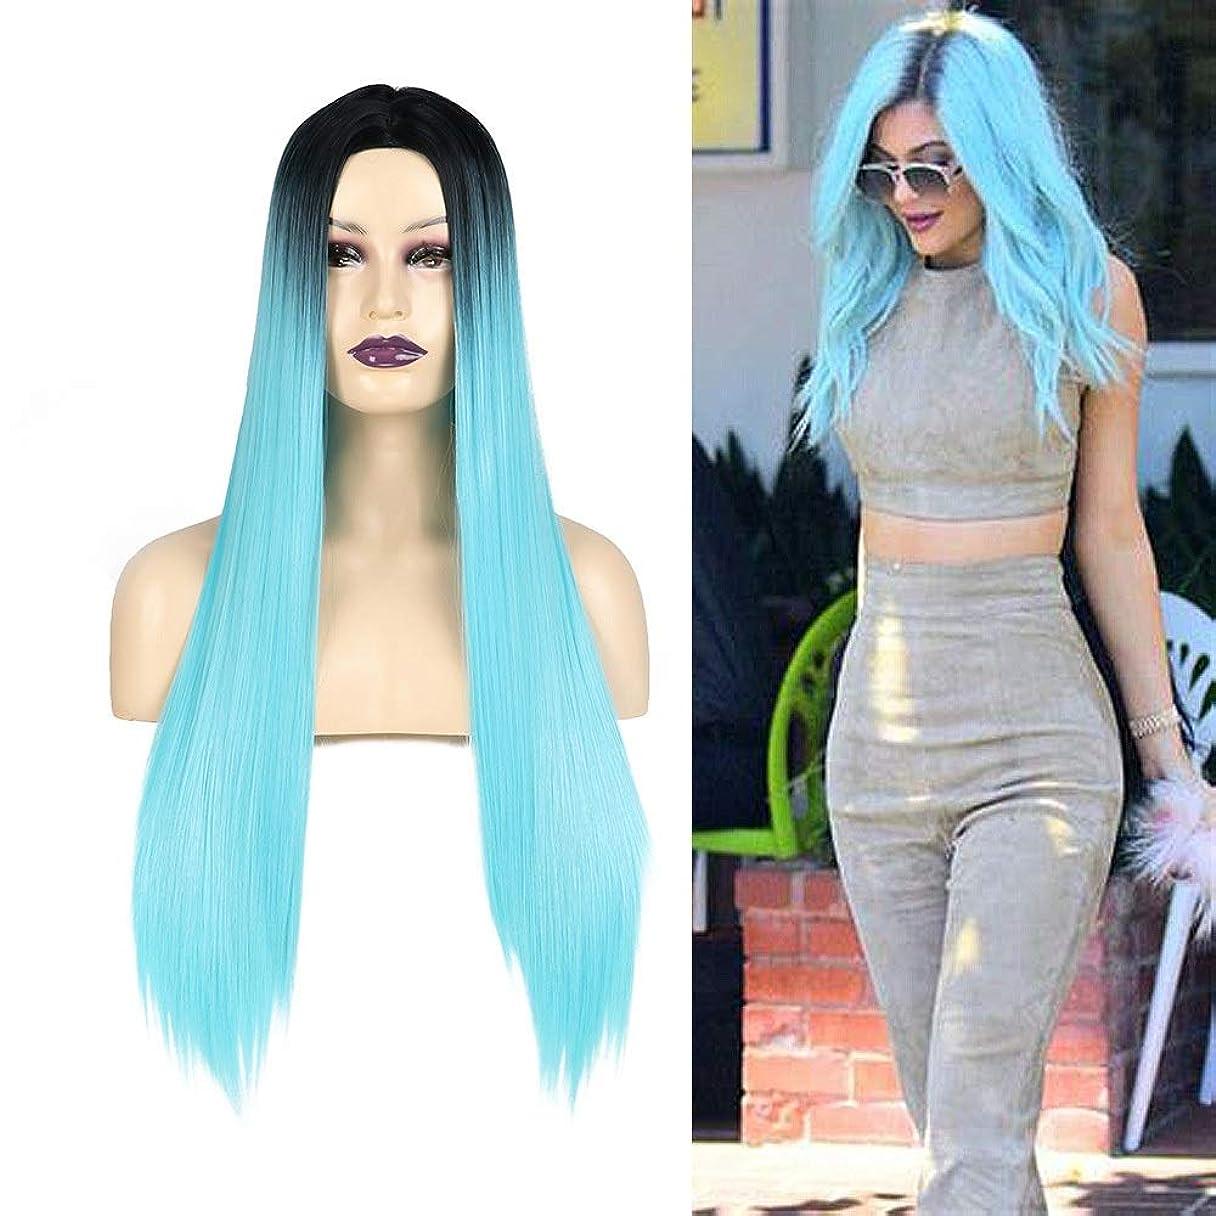 治世君主きらきらHOHYLLYA ダークルーツグラデーションブルーロングストレートヘアミドルパートフリーキャップ用女性コスプレパーティードレスロングストレートヘア (Color : ブルー)